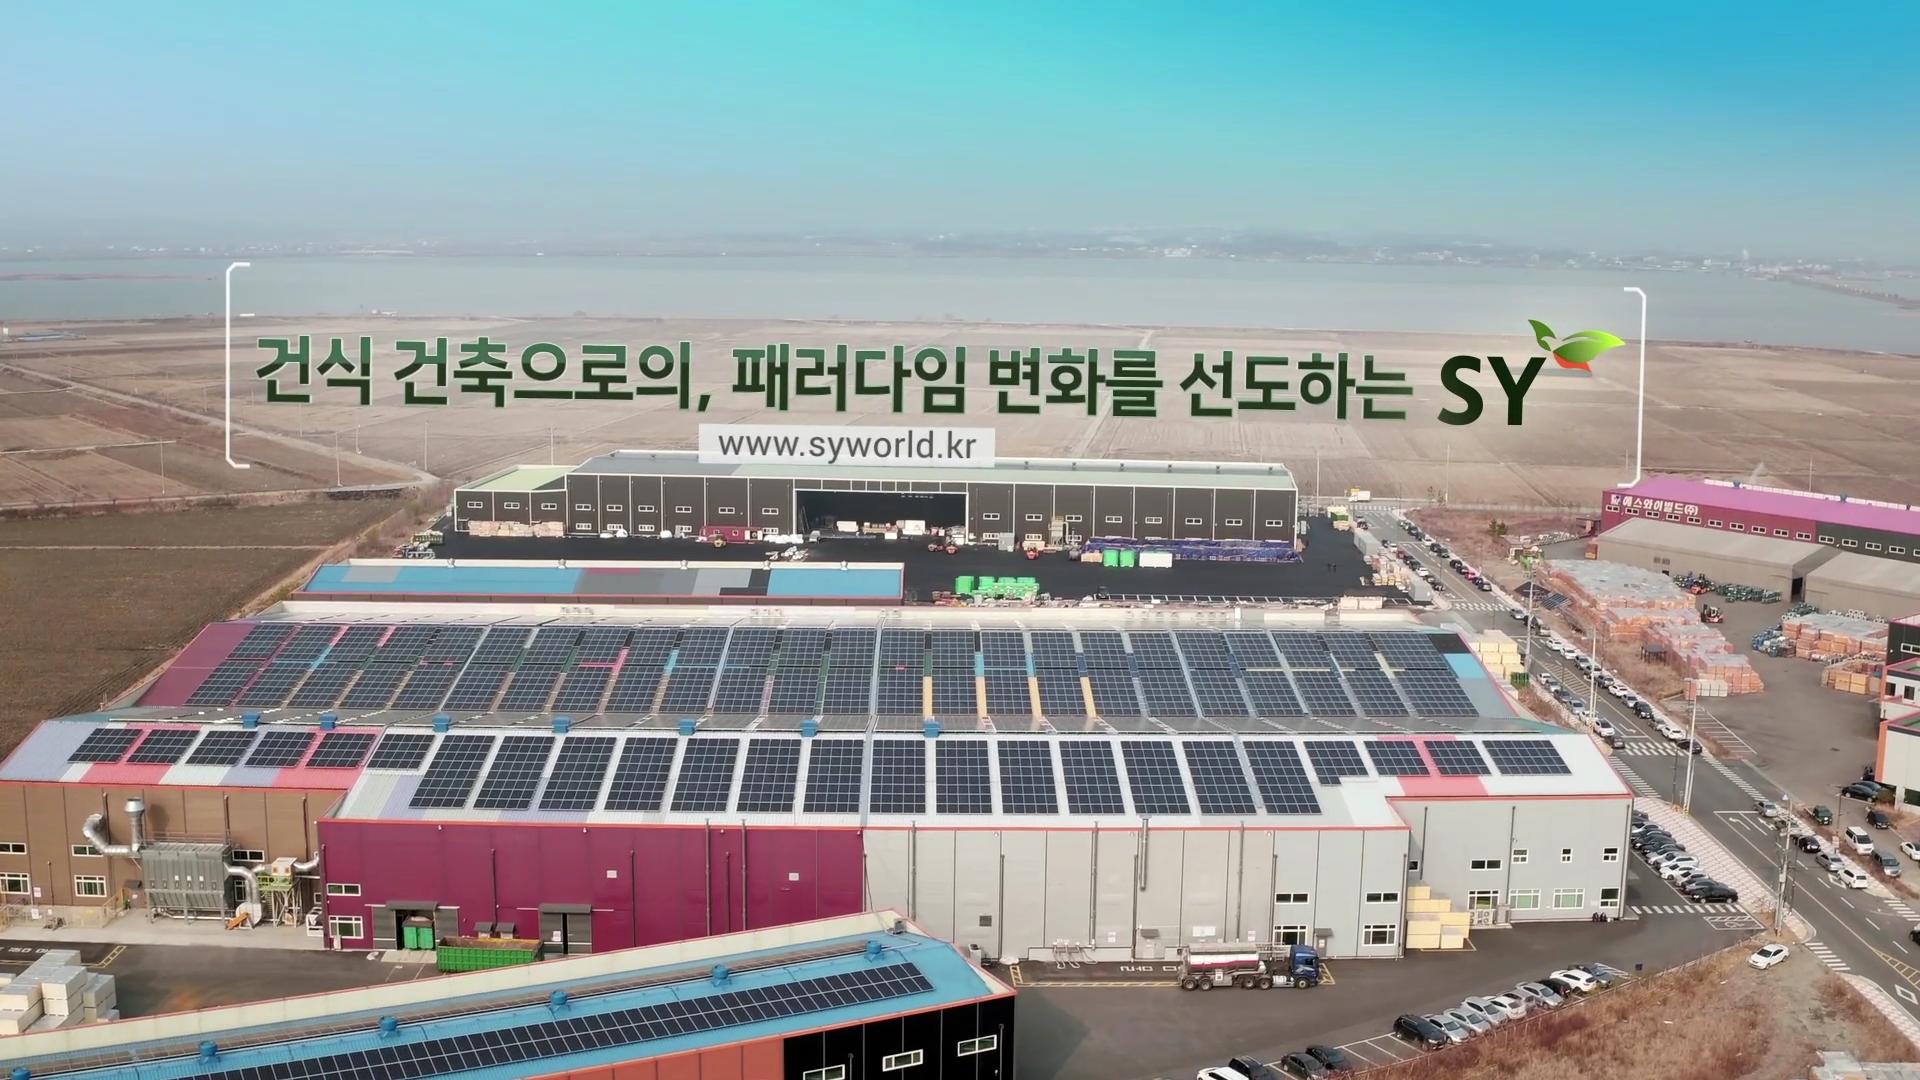 [국문]2019 에스와이(SY) 홍보영상_풀버전(full ver.)